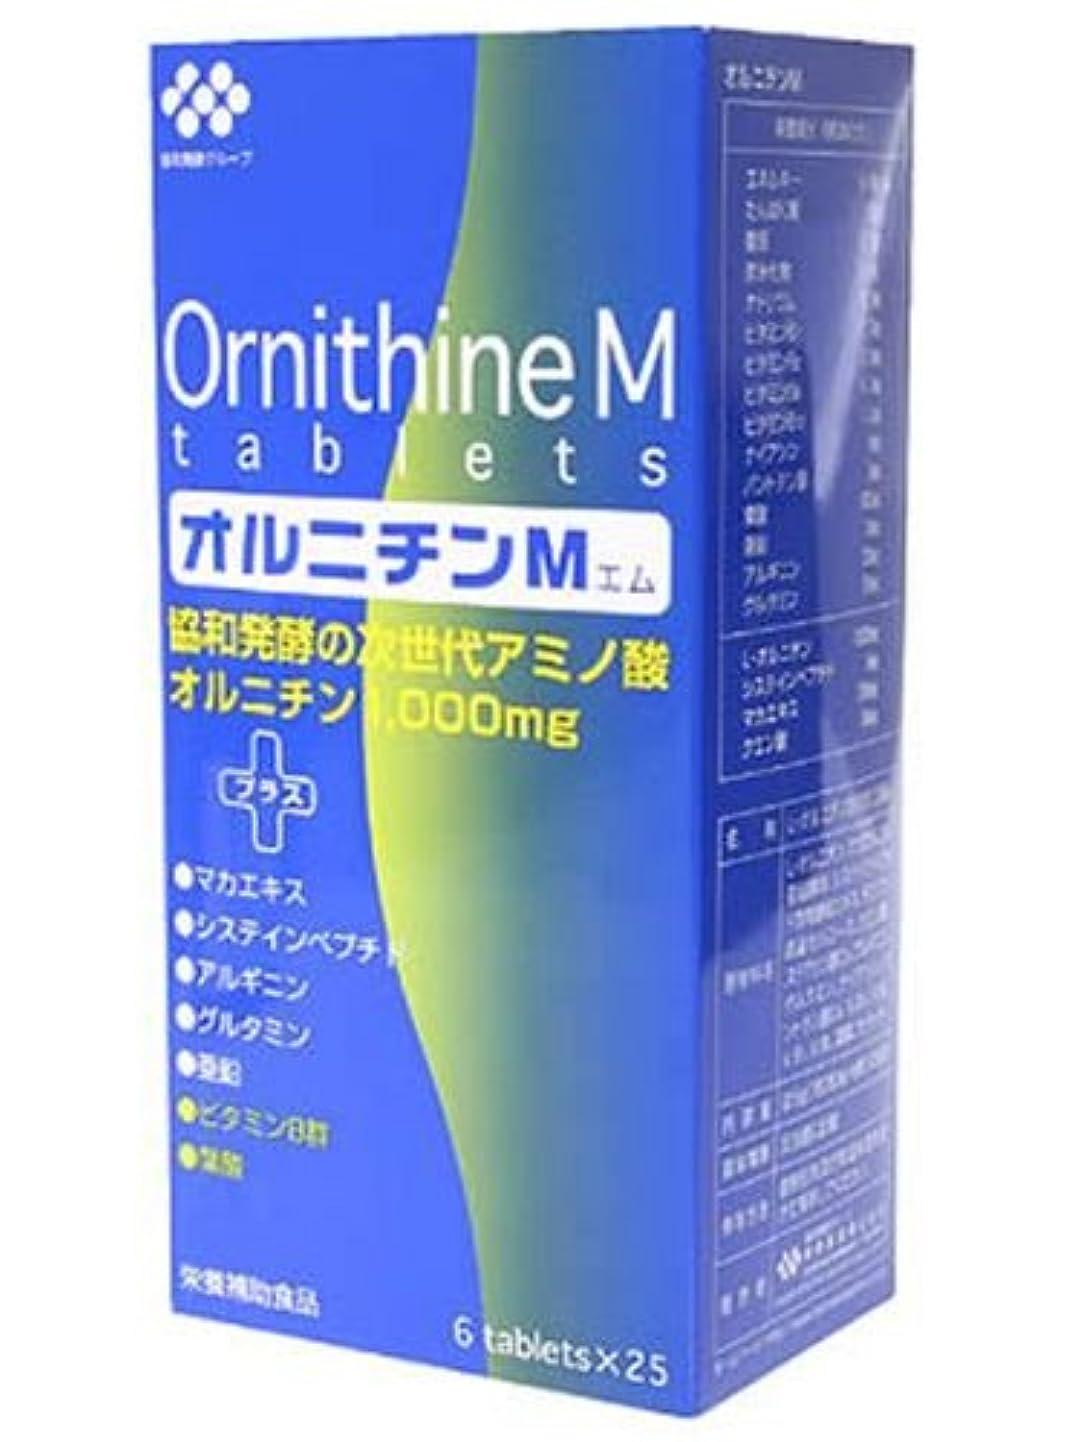 尾急ぐ同行する伸和製薬 オルニチンM 6粒×25袋入